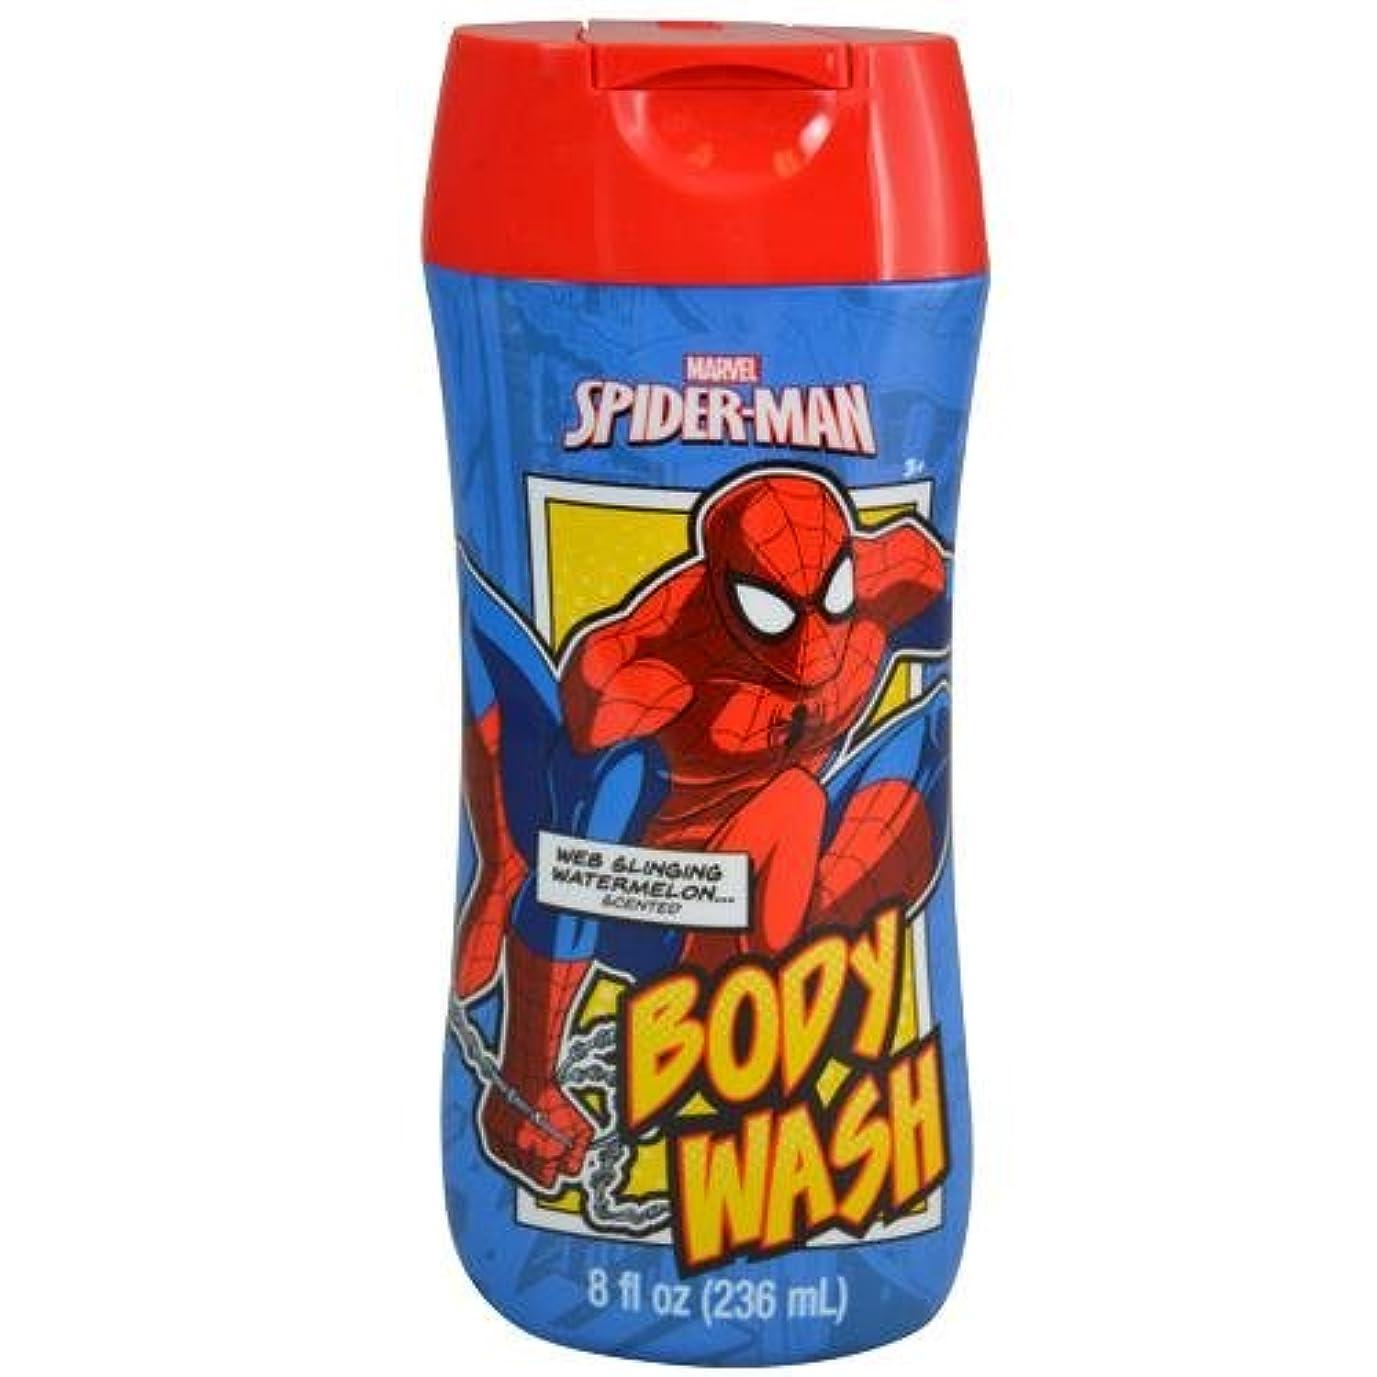 枝エミュレーションバンジョースパイダーマン SPIDER-MAN ボディーソープ 12185 MARVEL お風呂 ボディ ソープ 子供用 キッズ ボディソープ MARVEL ボディウォッシュ マーベル ボディーウォッシュ【即日?翌日発送】